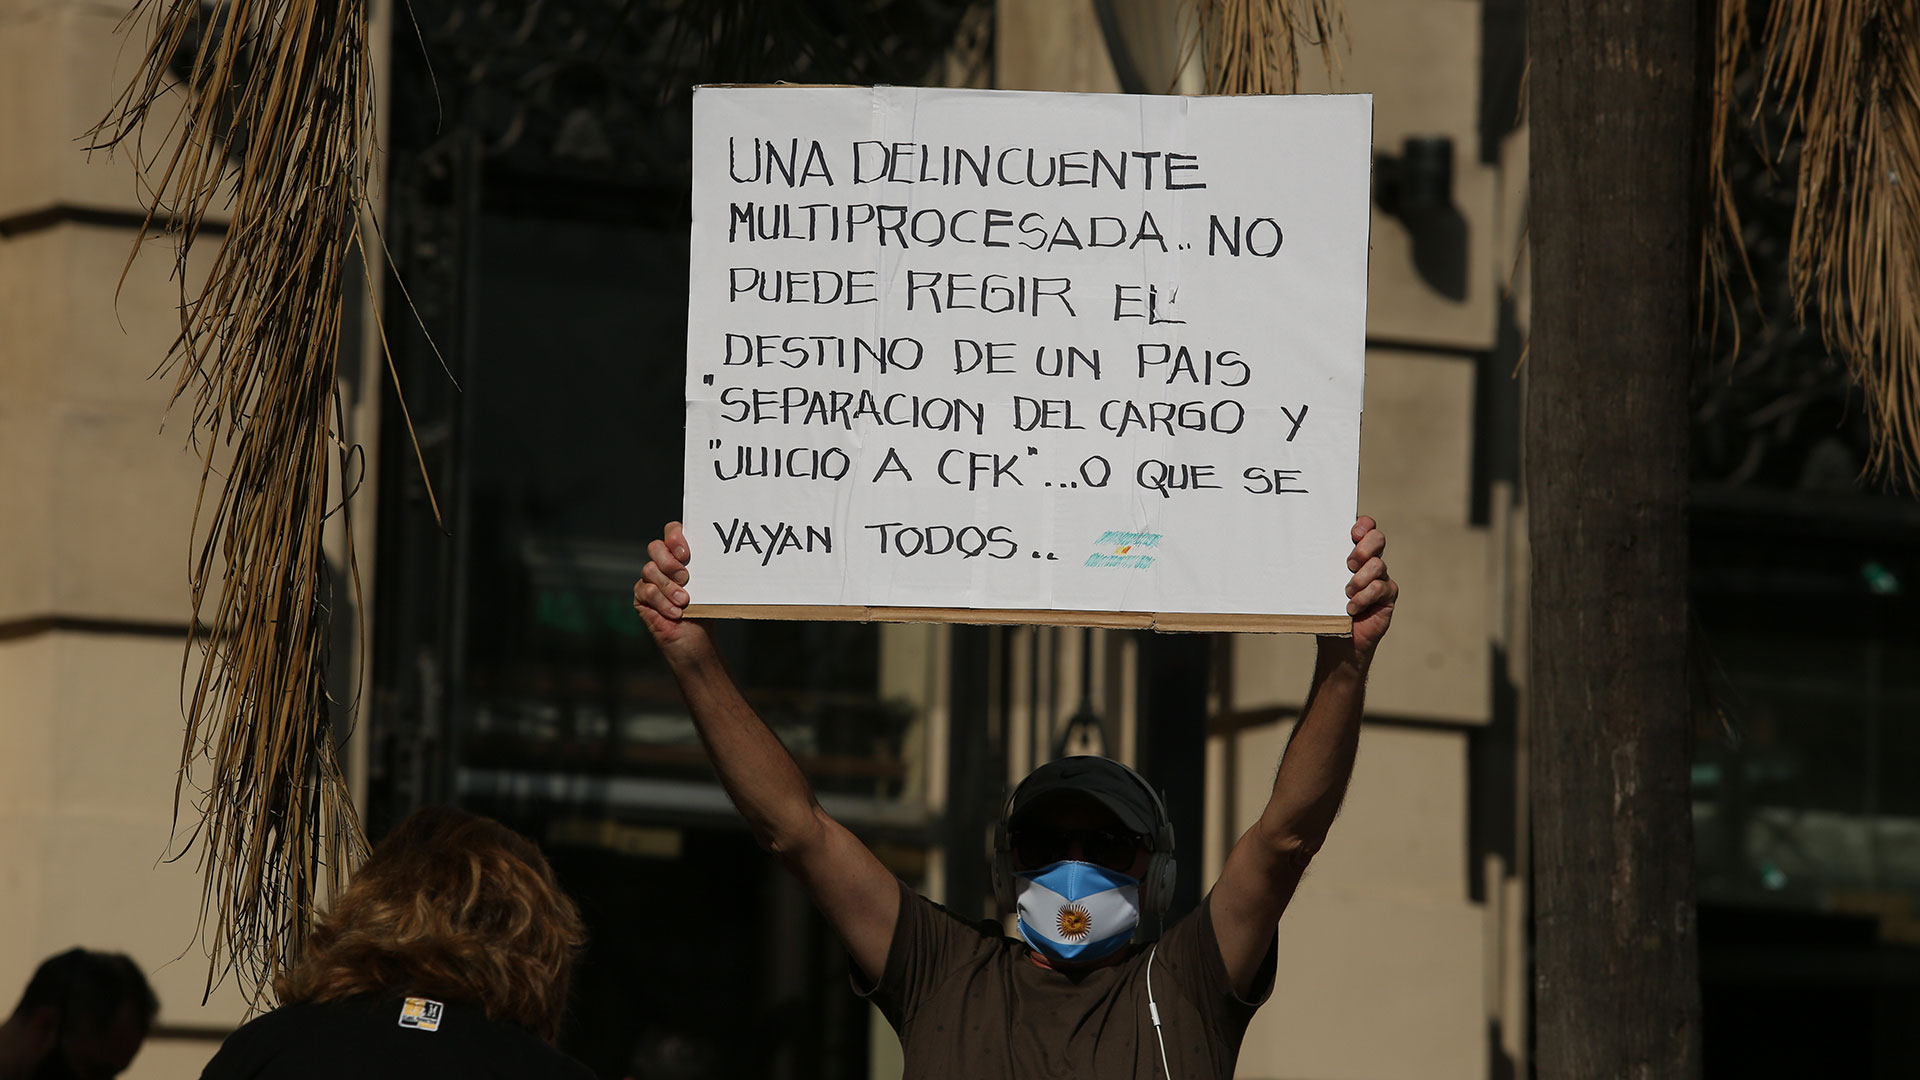 Las principales críticas de los manifestantes fueron contra Cristina Kirchner